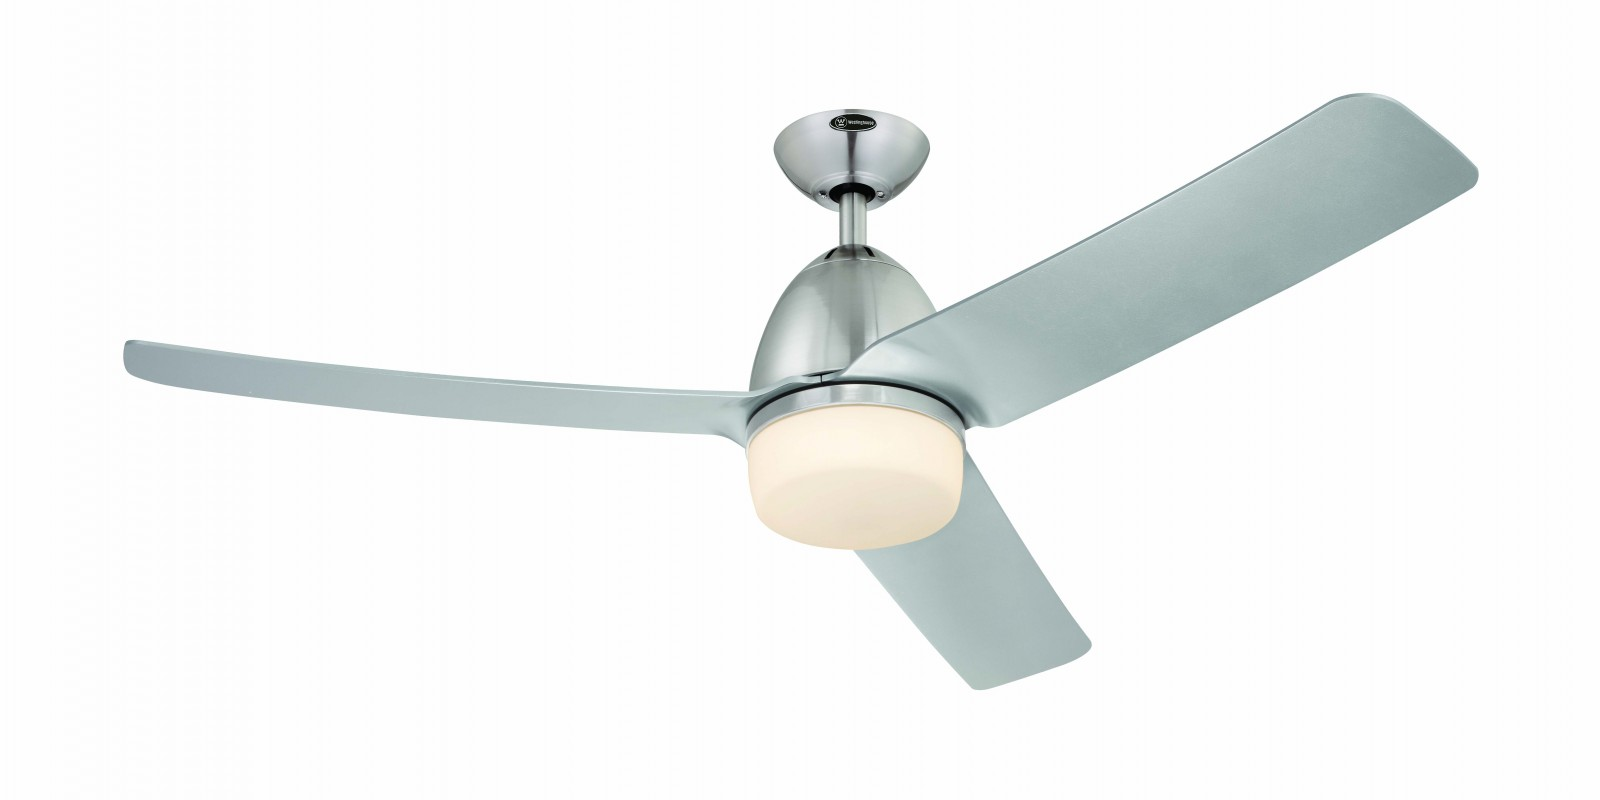 westinghouse ventilateur de plafond basse consommation delancey avec clairage ventilateurs de. Black Bedroom Furniture Sets. Home Design Ideas